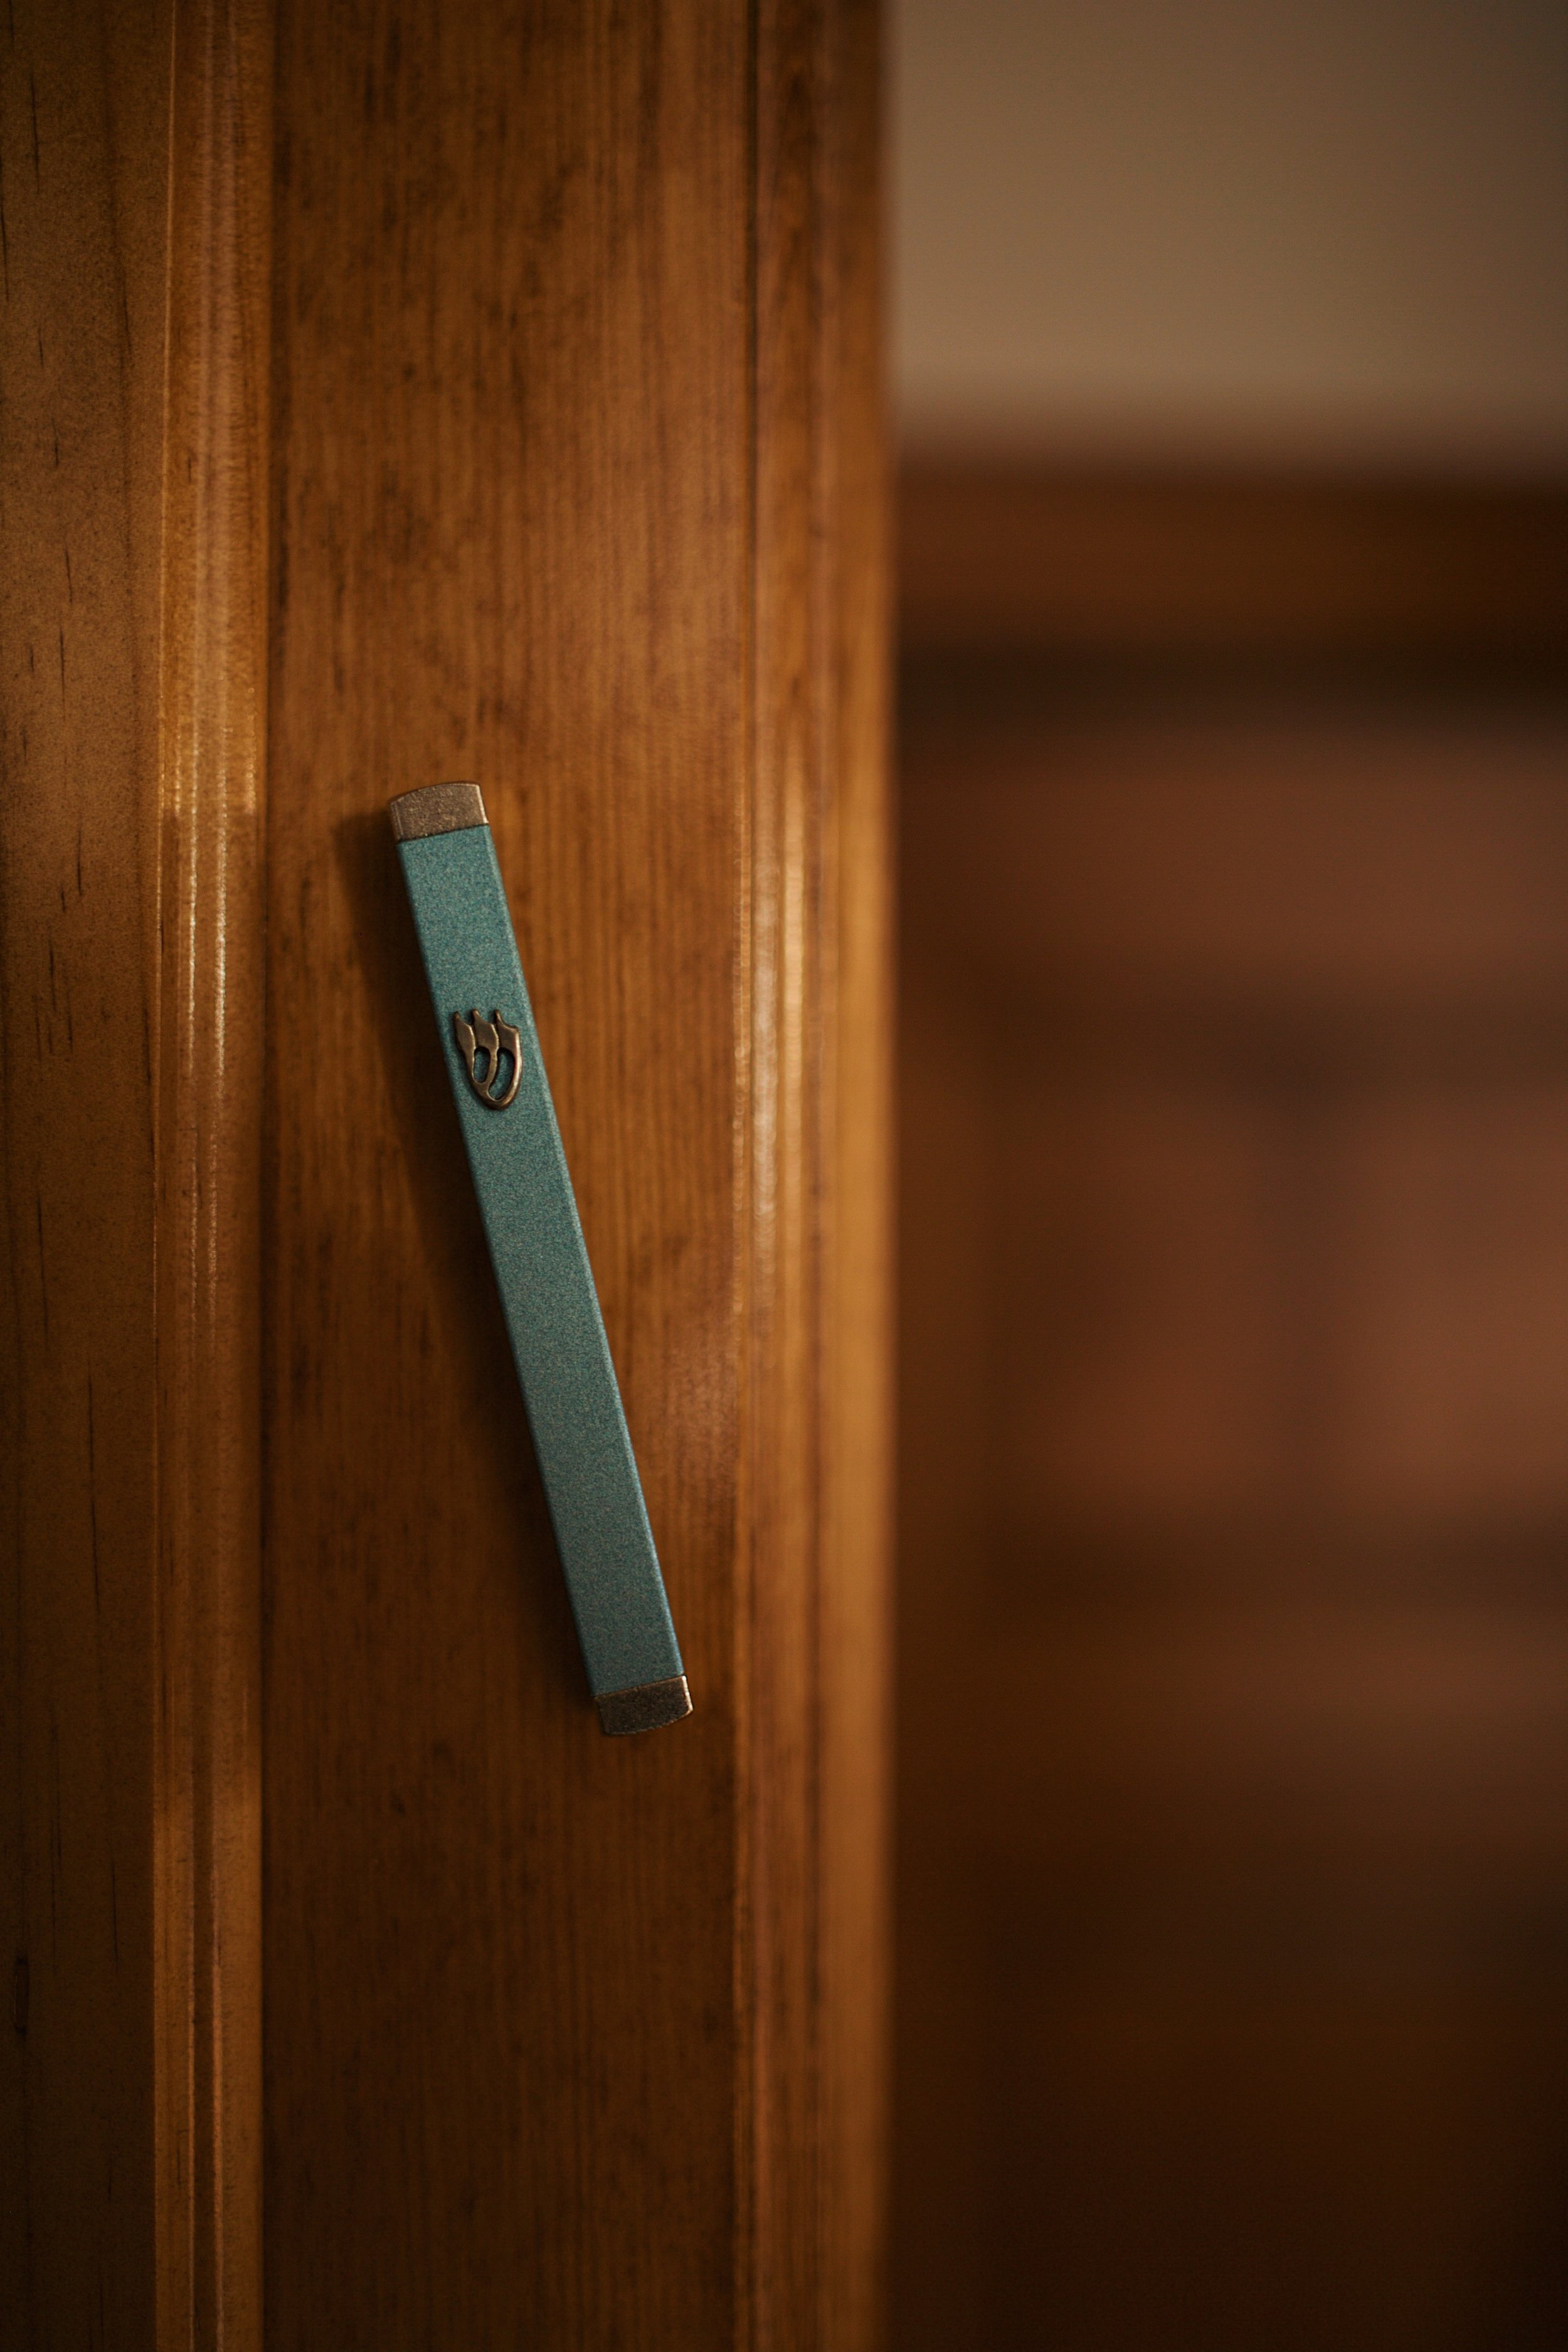 The mezuzah on the doorway of Jade's bedroom